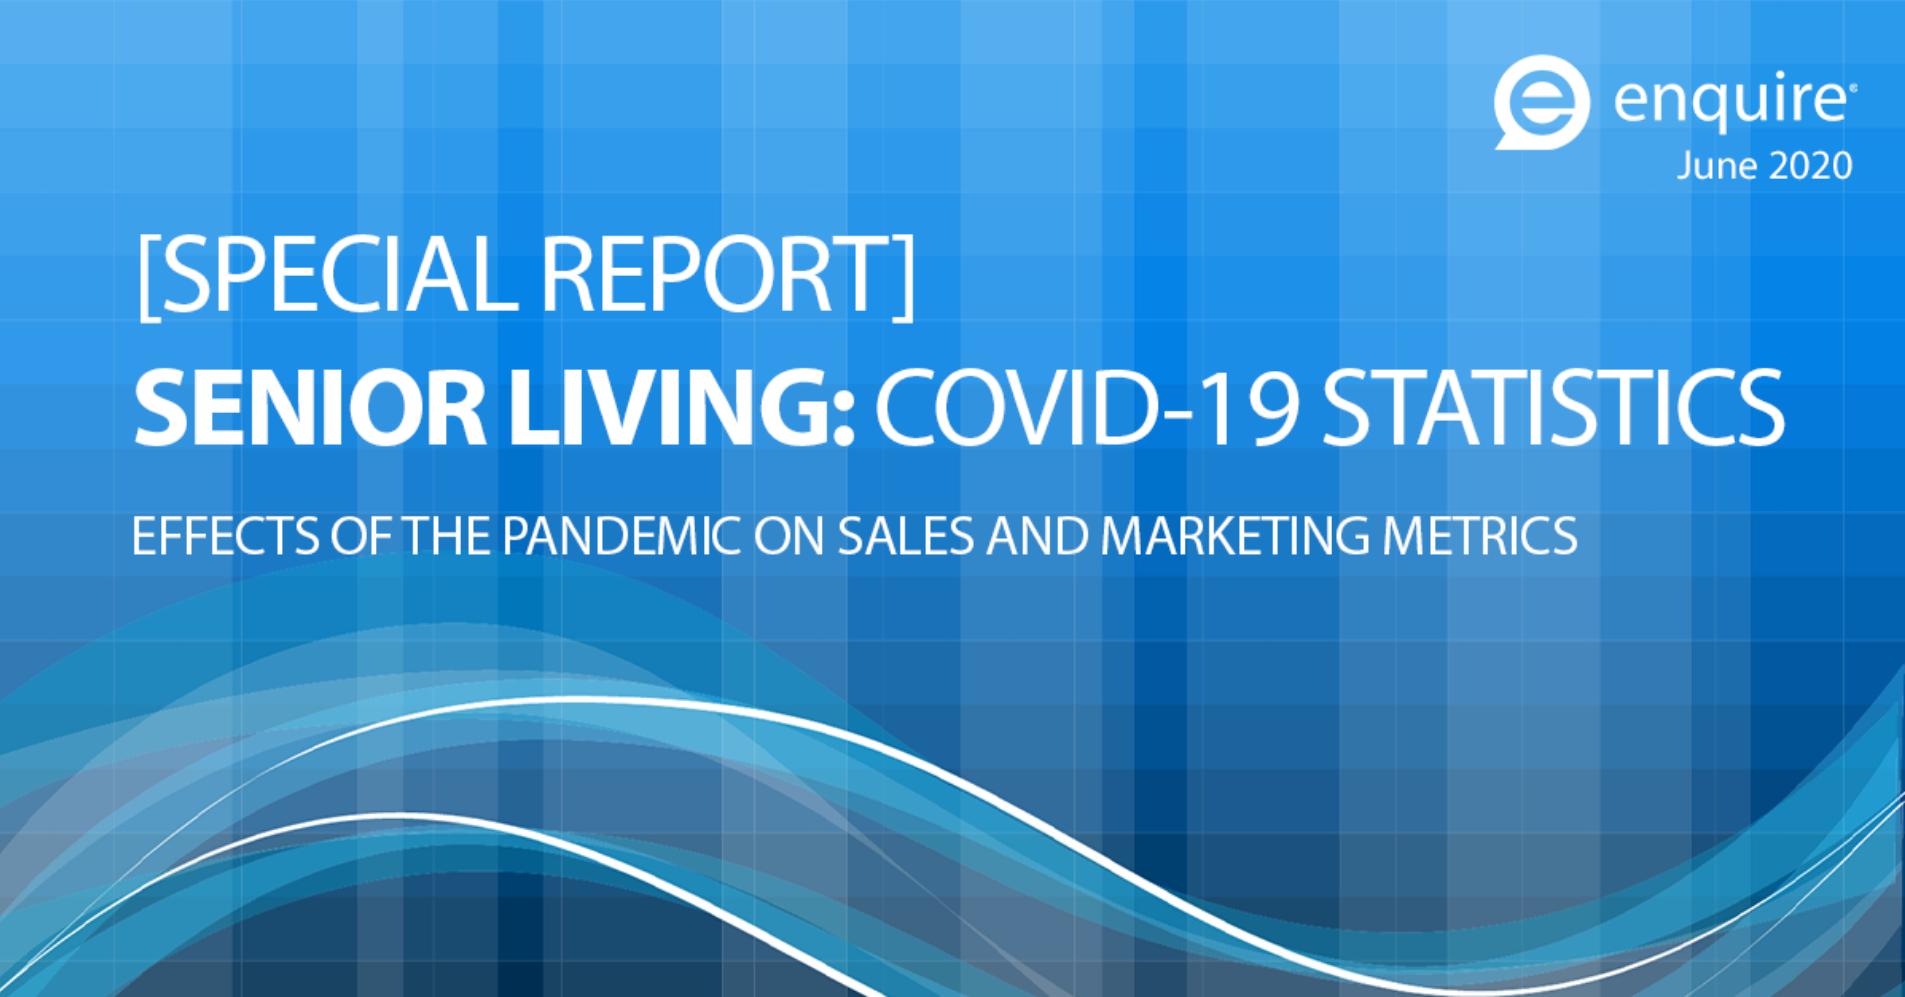 Enquire_SENIOR_LIVING_COVID_19_STATISTICS_June_2020